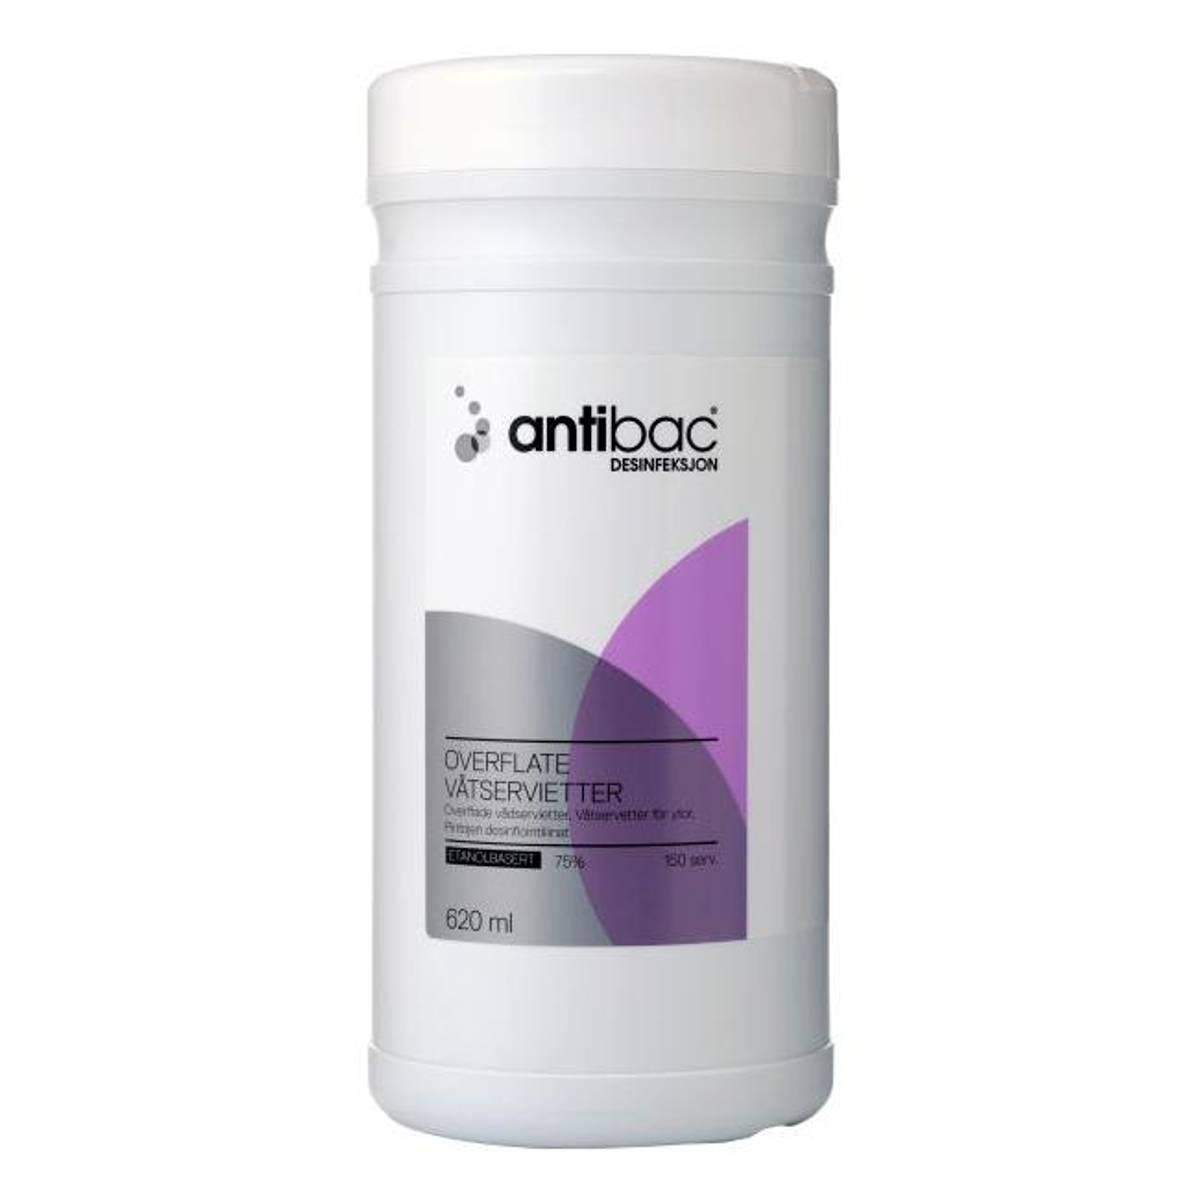 Antibac 75% våtserviett overflate